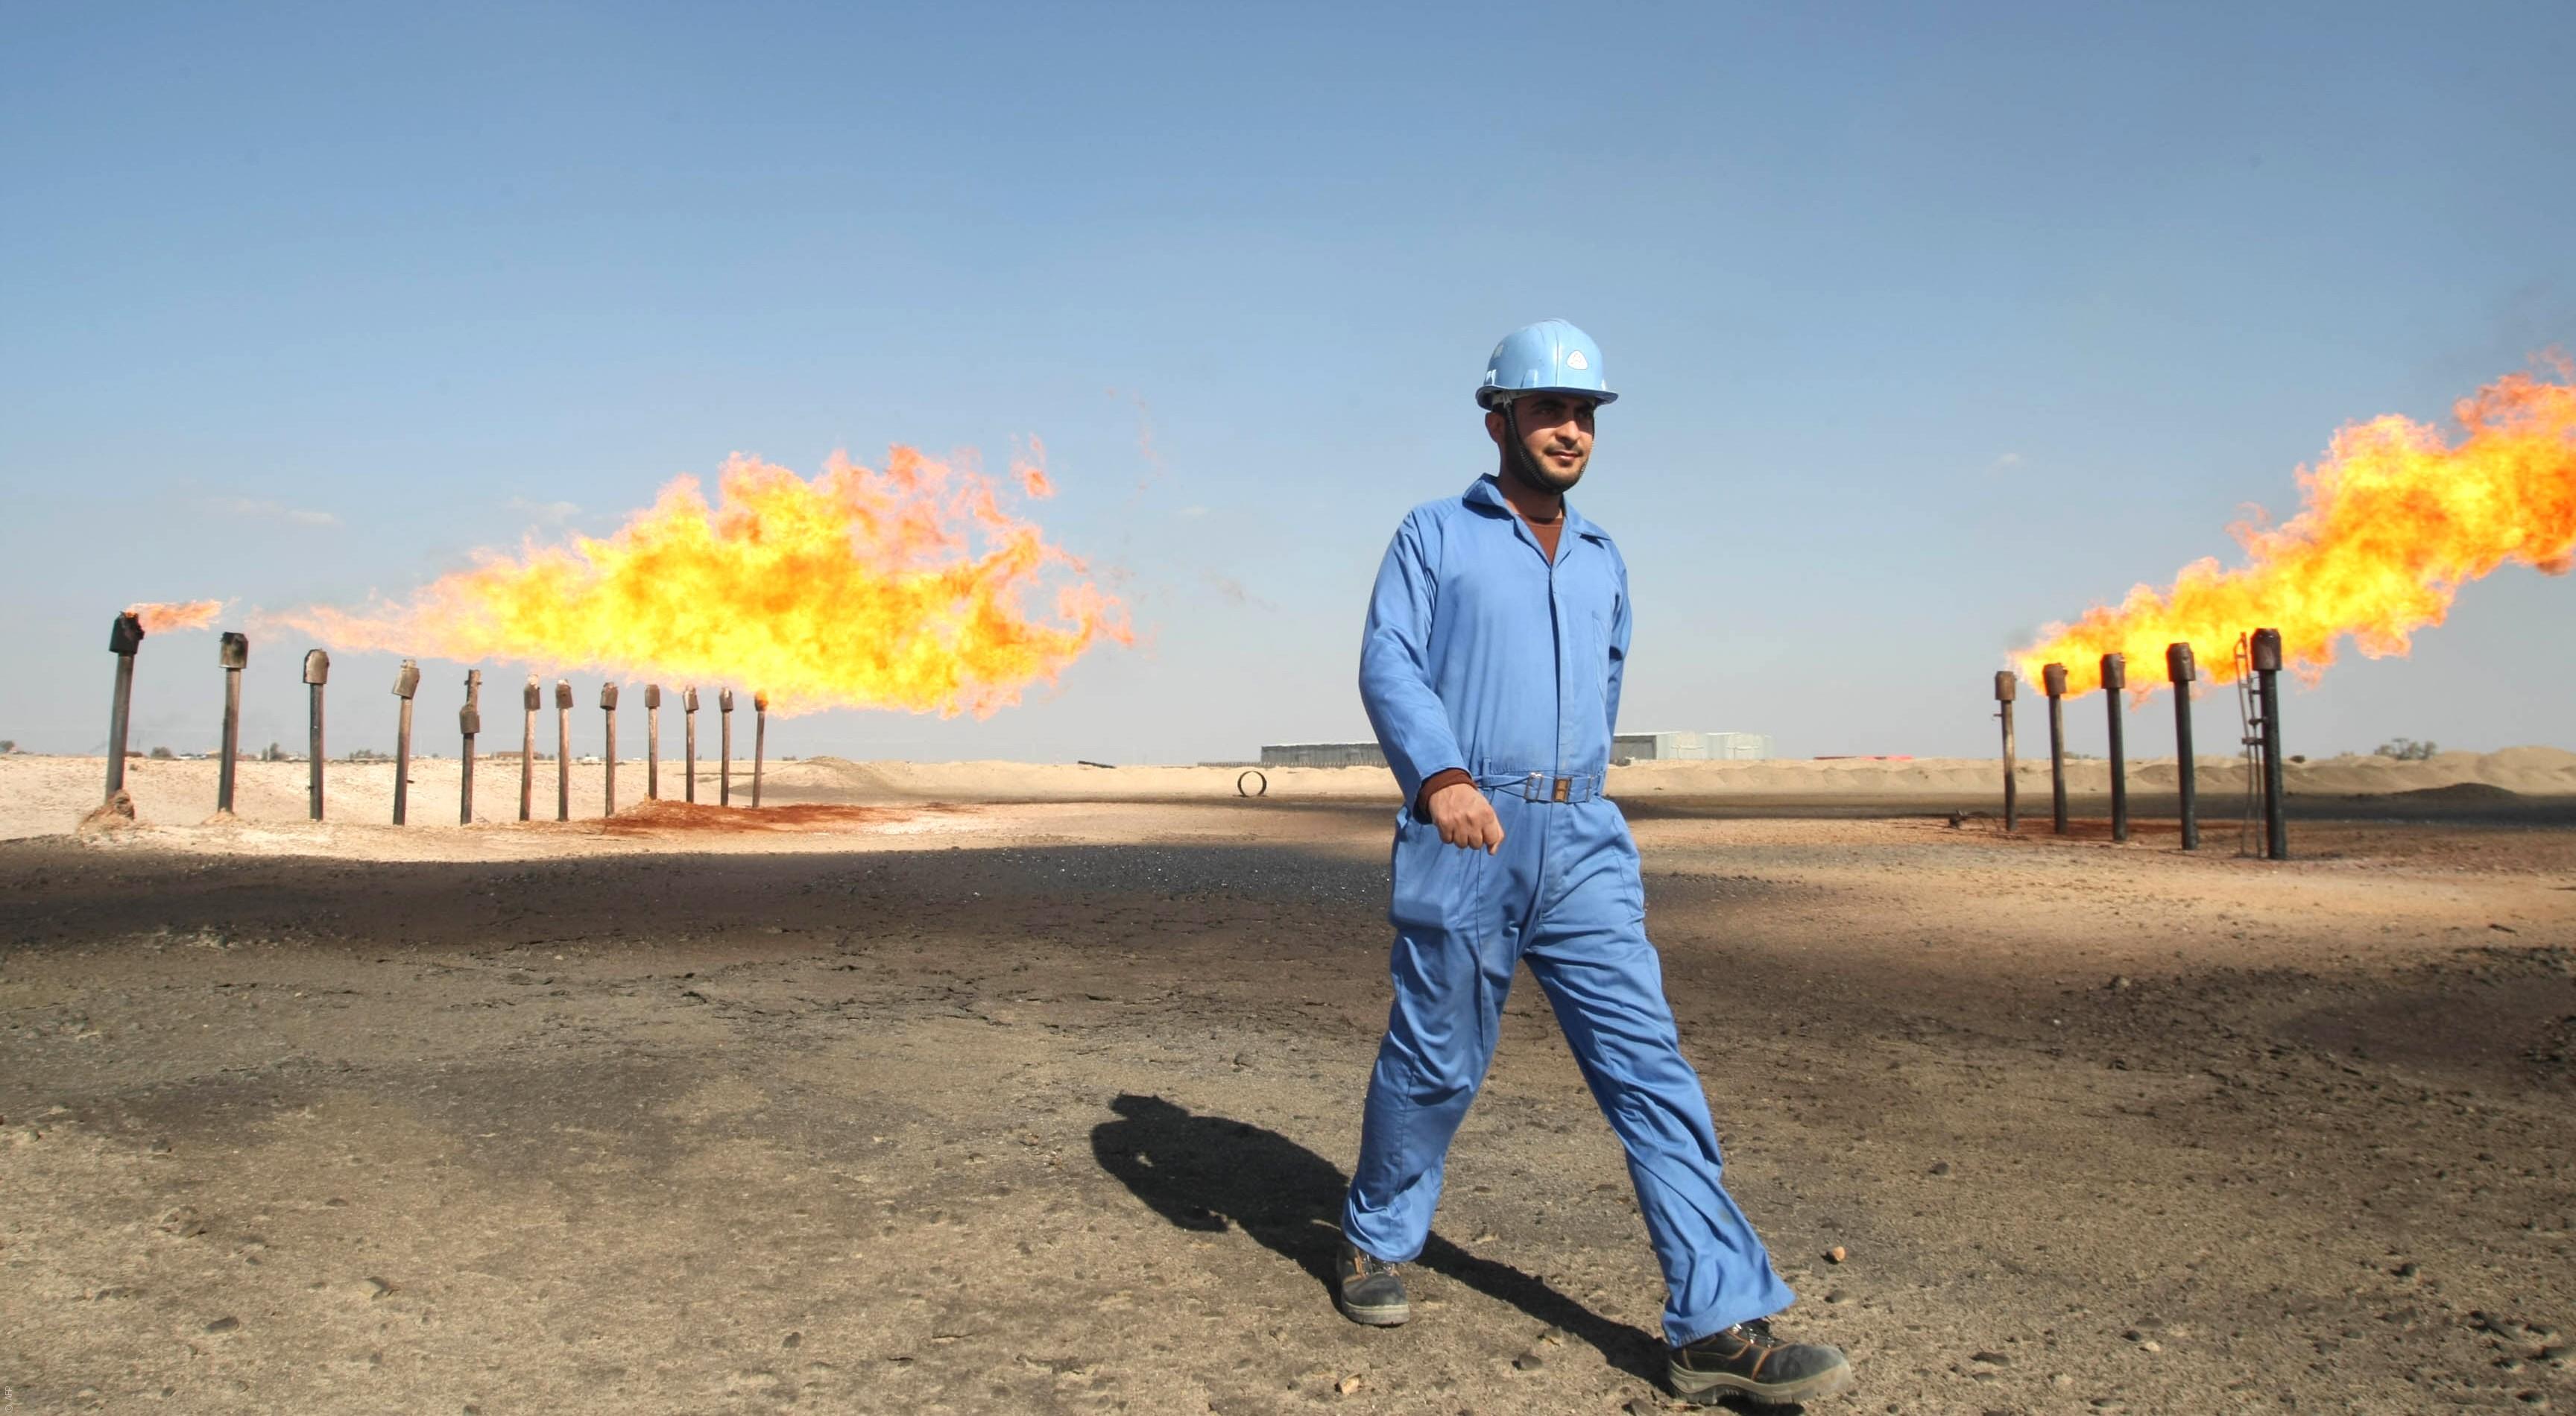 العراق والسعودية يتفقان على العمل معا لتحقيق استقرار أسواق النفط